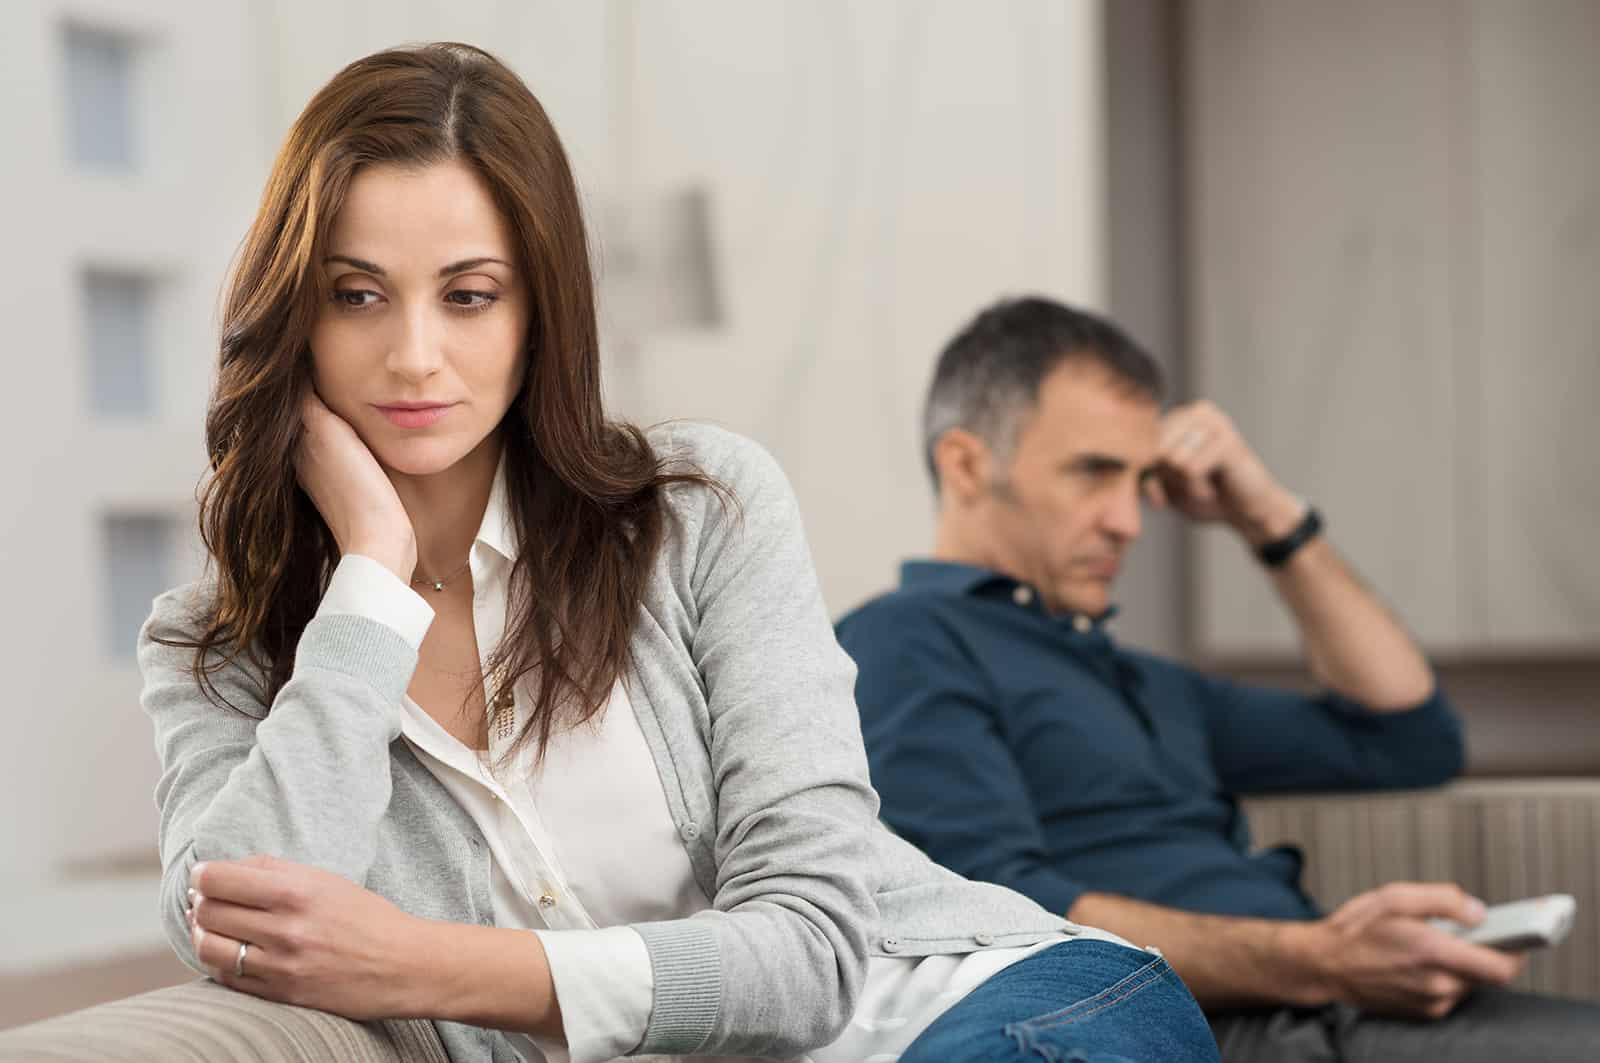 eine nachdenkliche Frau, die sich von ihrem Freund abwendet